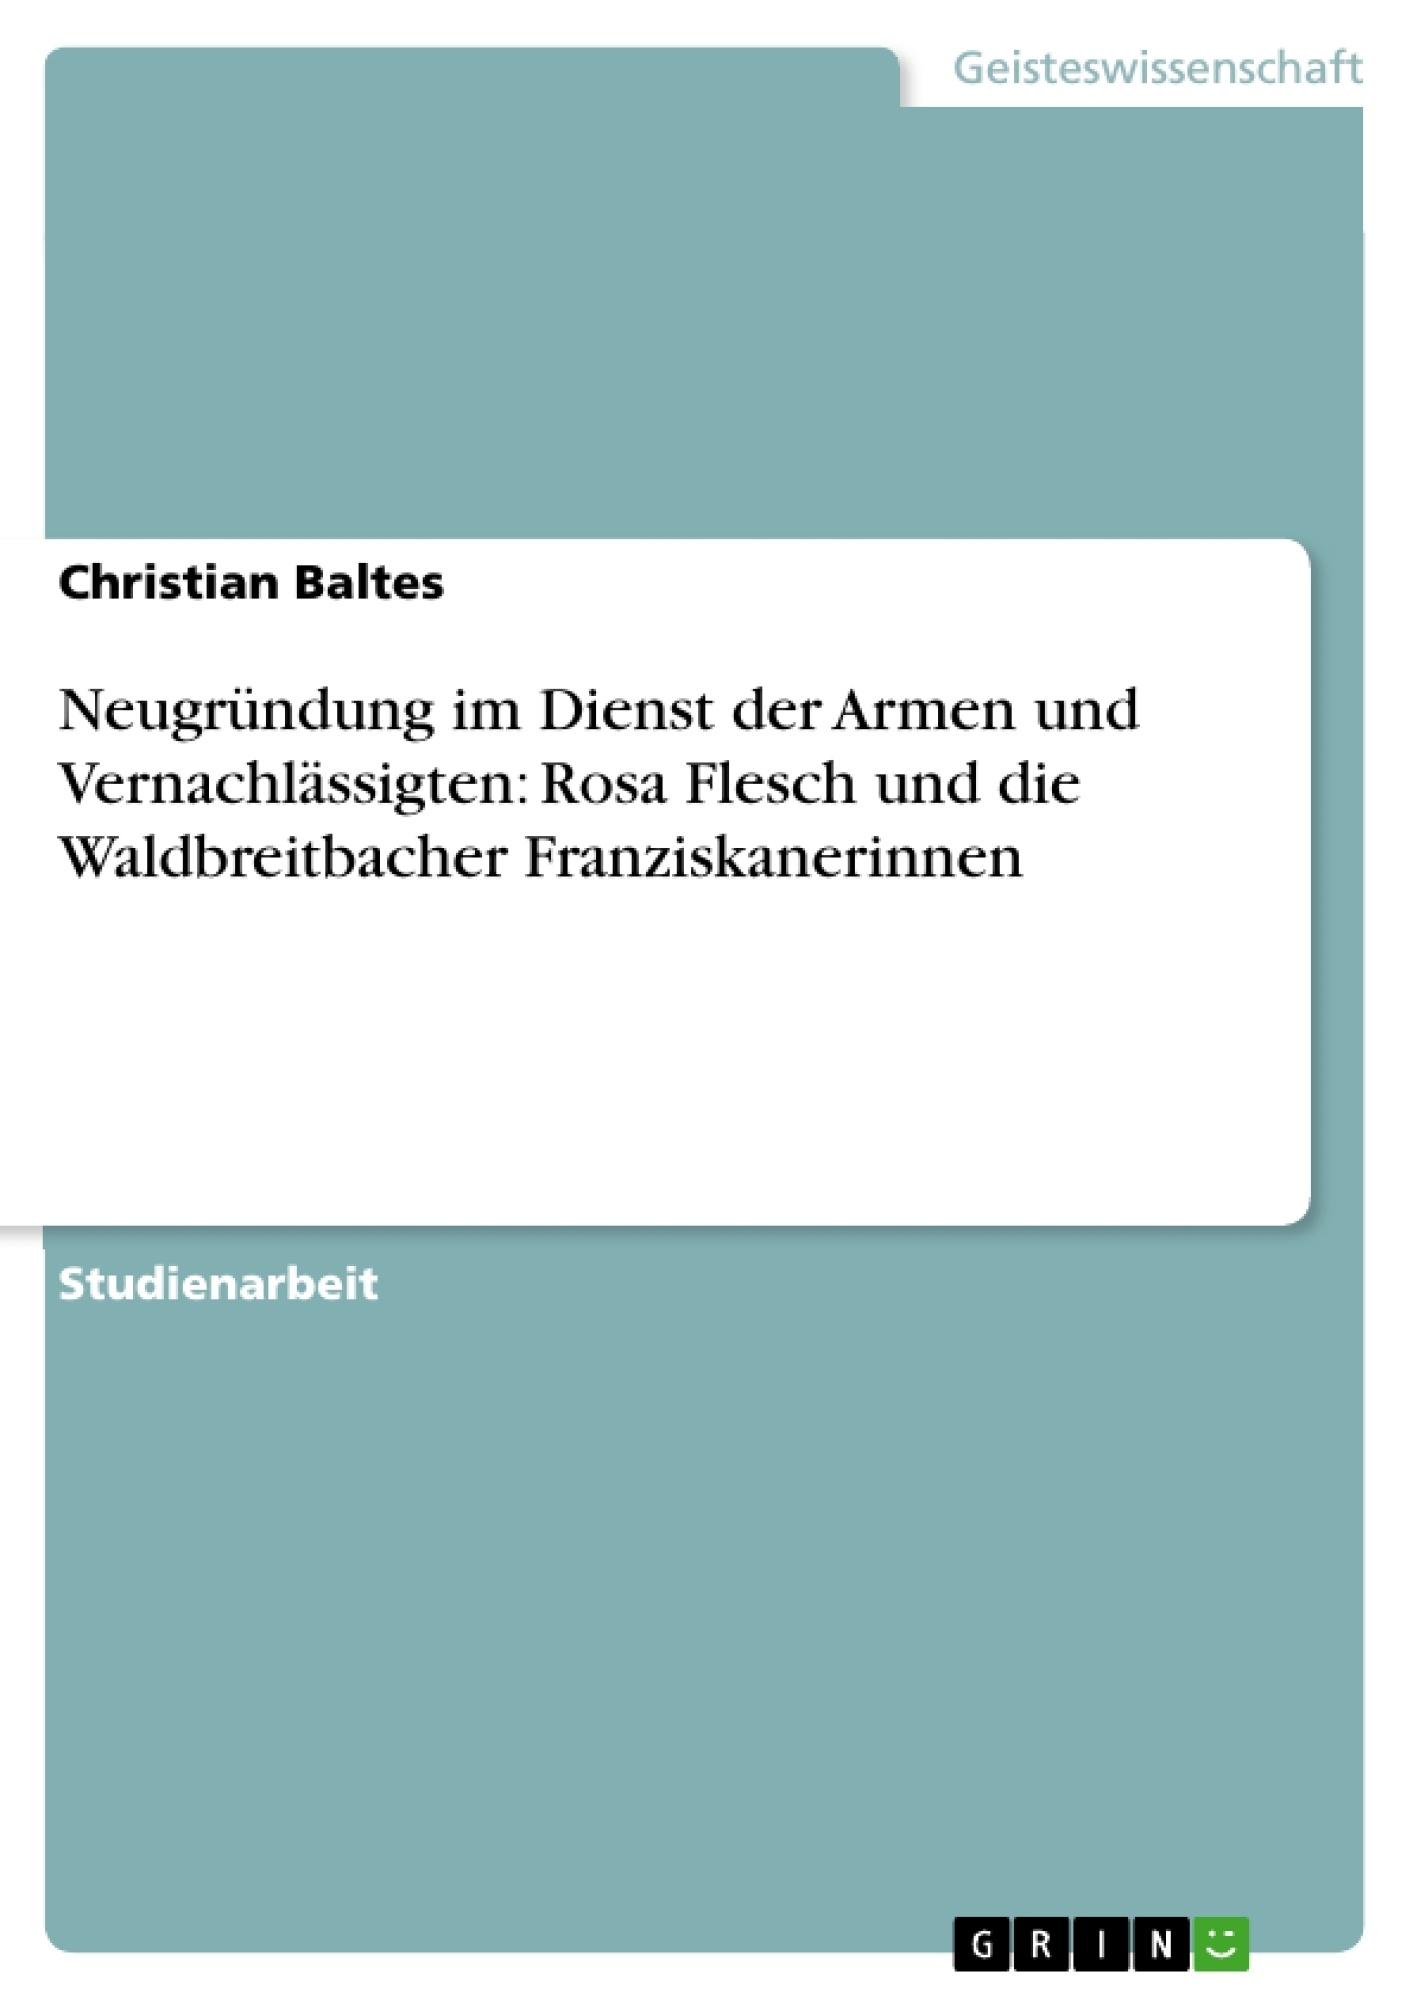 Titel: Neugründung im Dienst der Armen und Vernachlässigten: Rosa Flesch und die Waldbreitbacher Franziskanerinnen